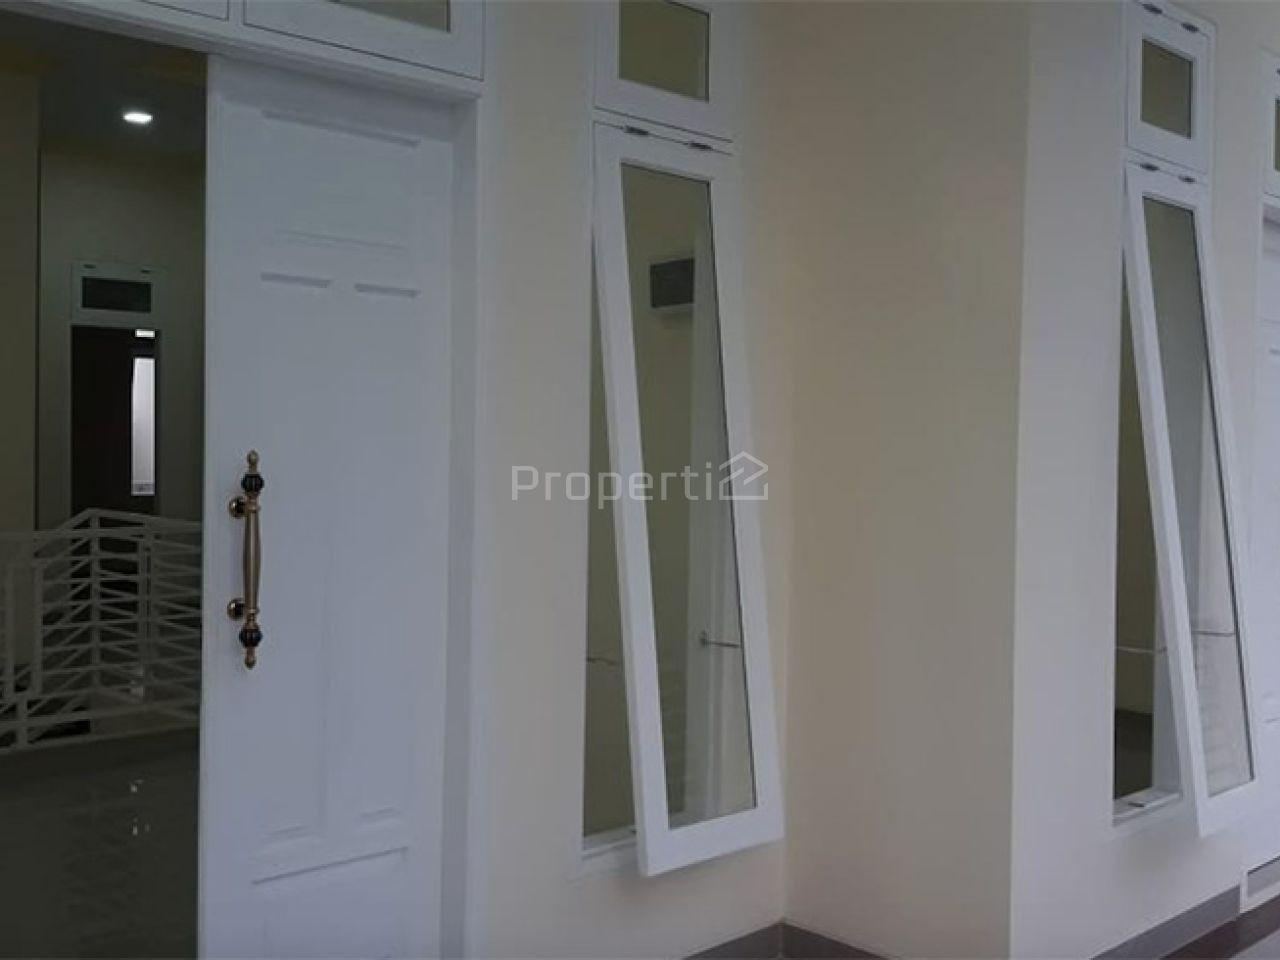 Rumah Baru 2 Lantai di Cijantung, DKI Jakarta